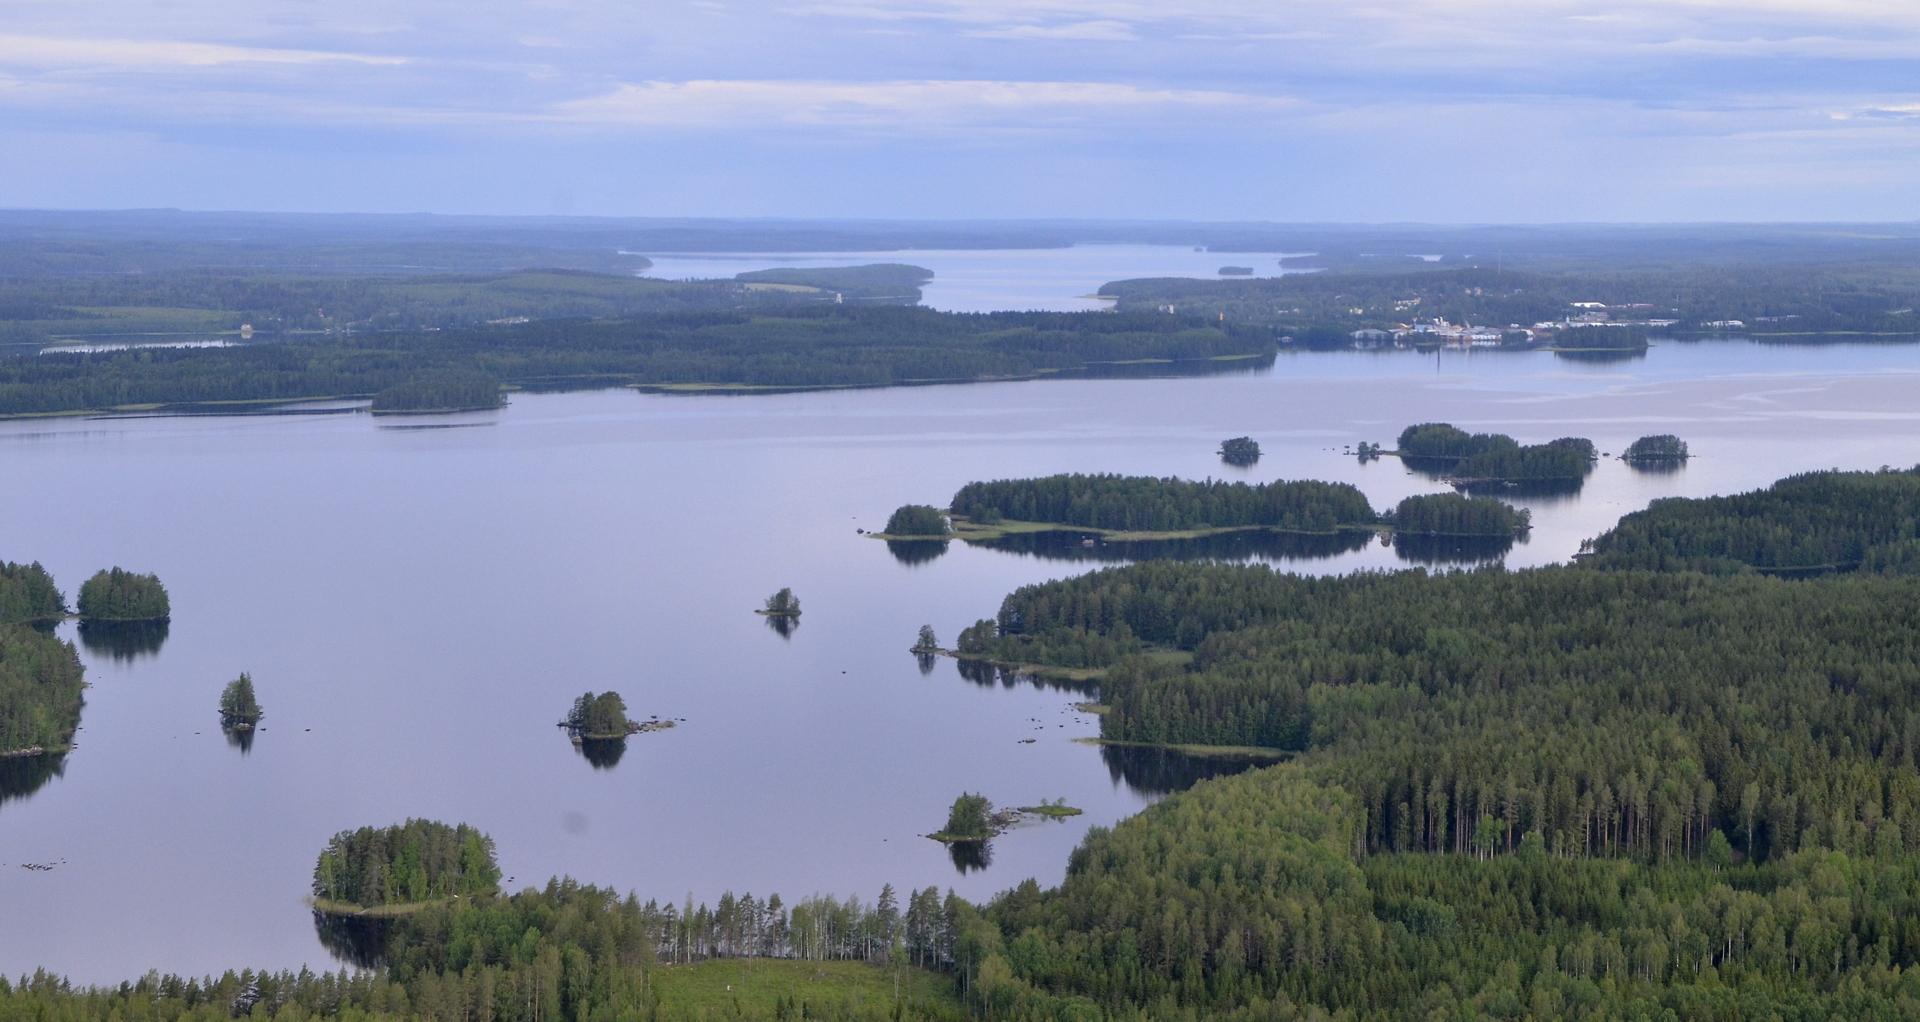 """Näkymä Kimingiltä Viitasaaren """"kirkonkylän"""" suuntaan. Taustalla Pihkurinselkä."""